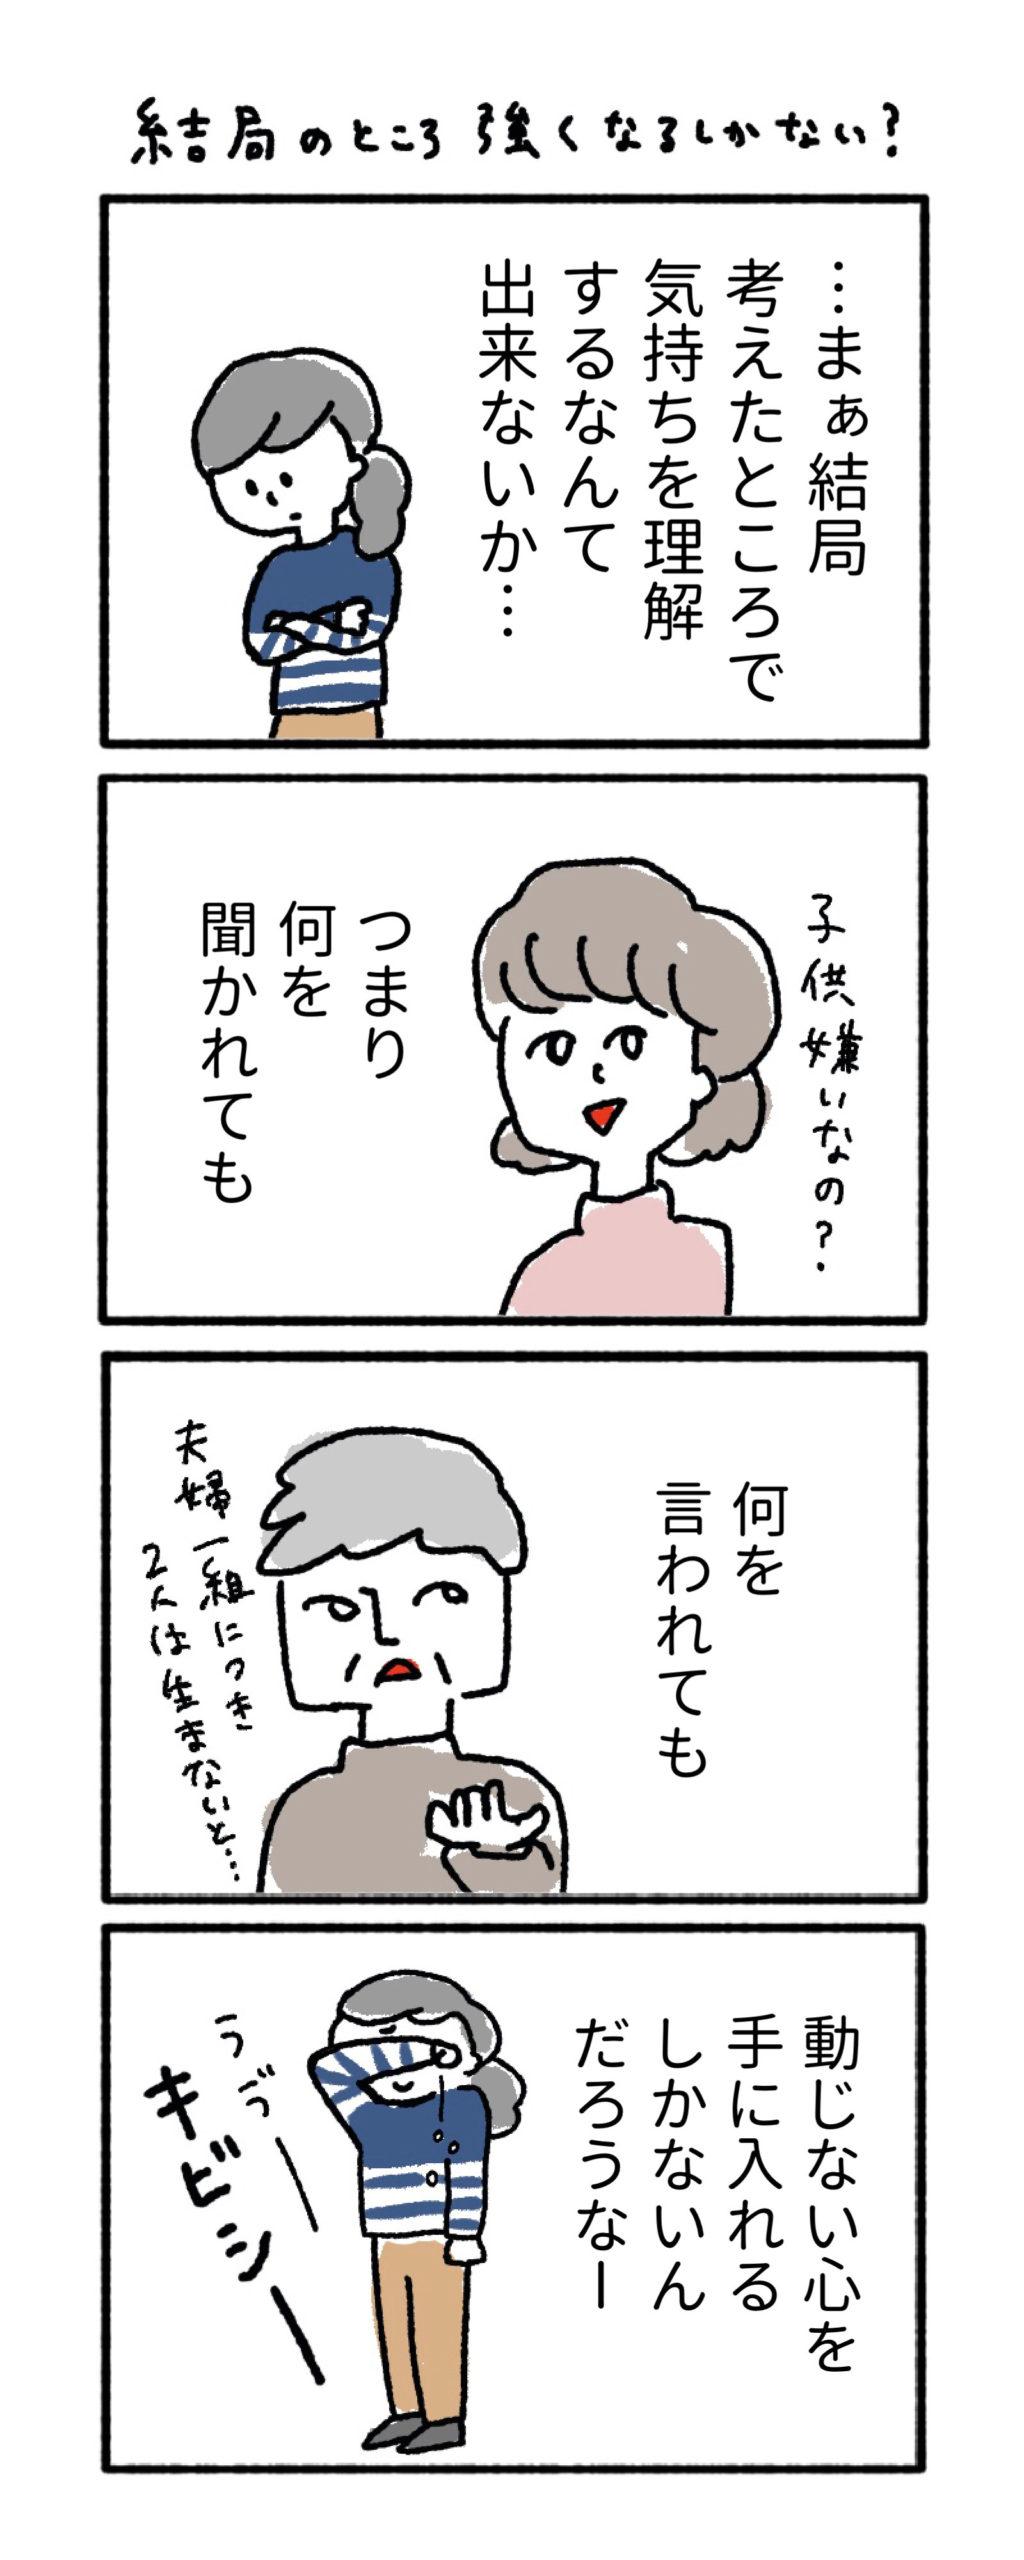 結局のところ自分が強くなるしかない? イラスト 漫画 四コママンガ 4こま いらすと かわいい アラサー 女子